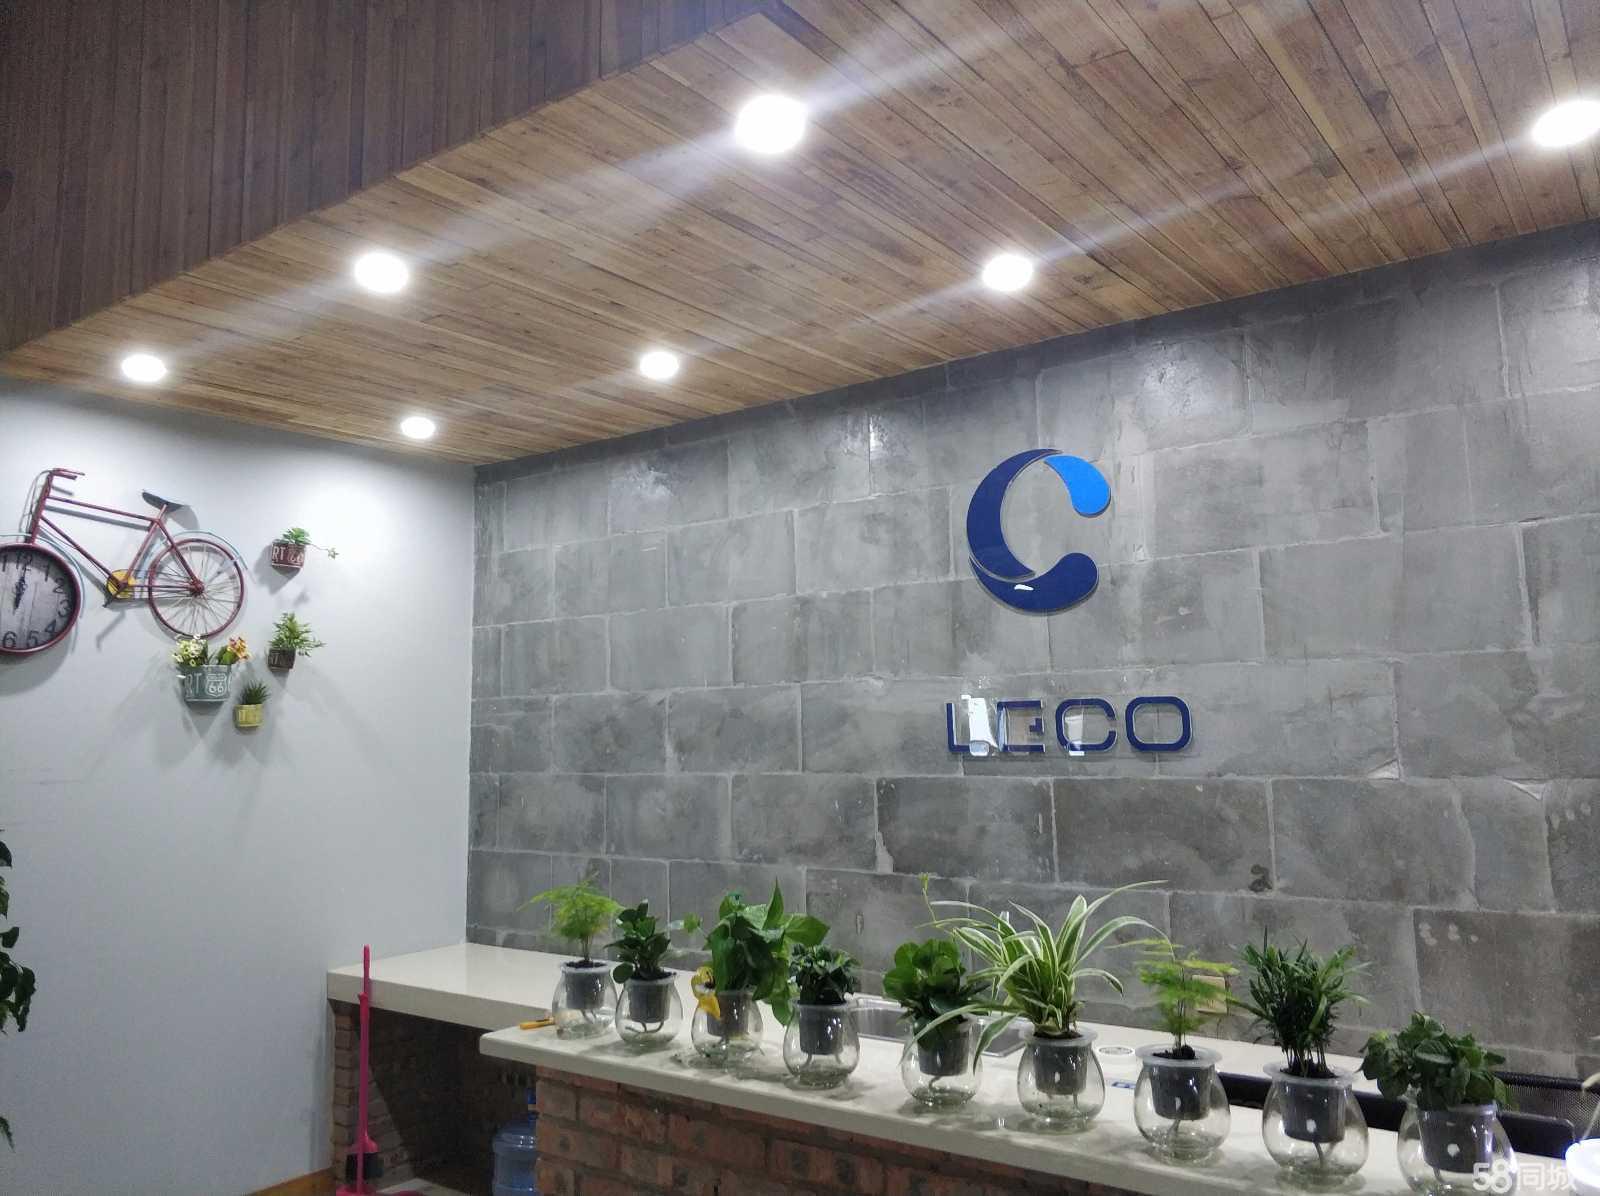 重庆ios定制开发,重庆APP开发,软件定制开发